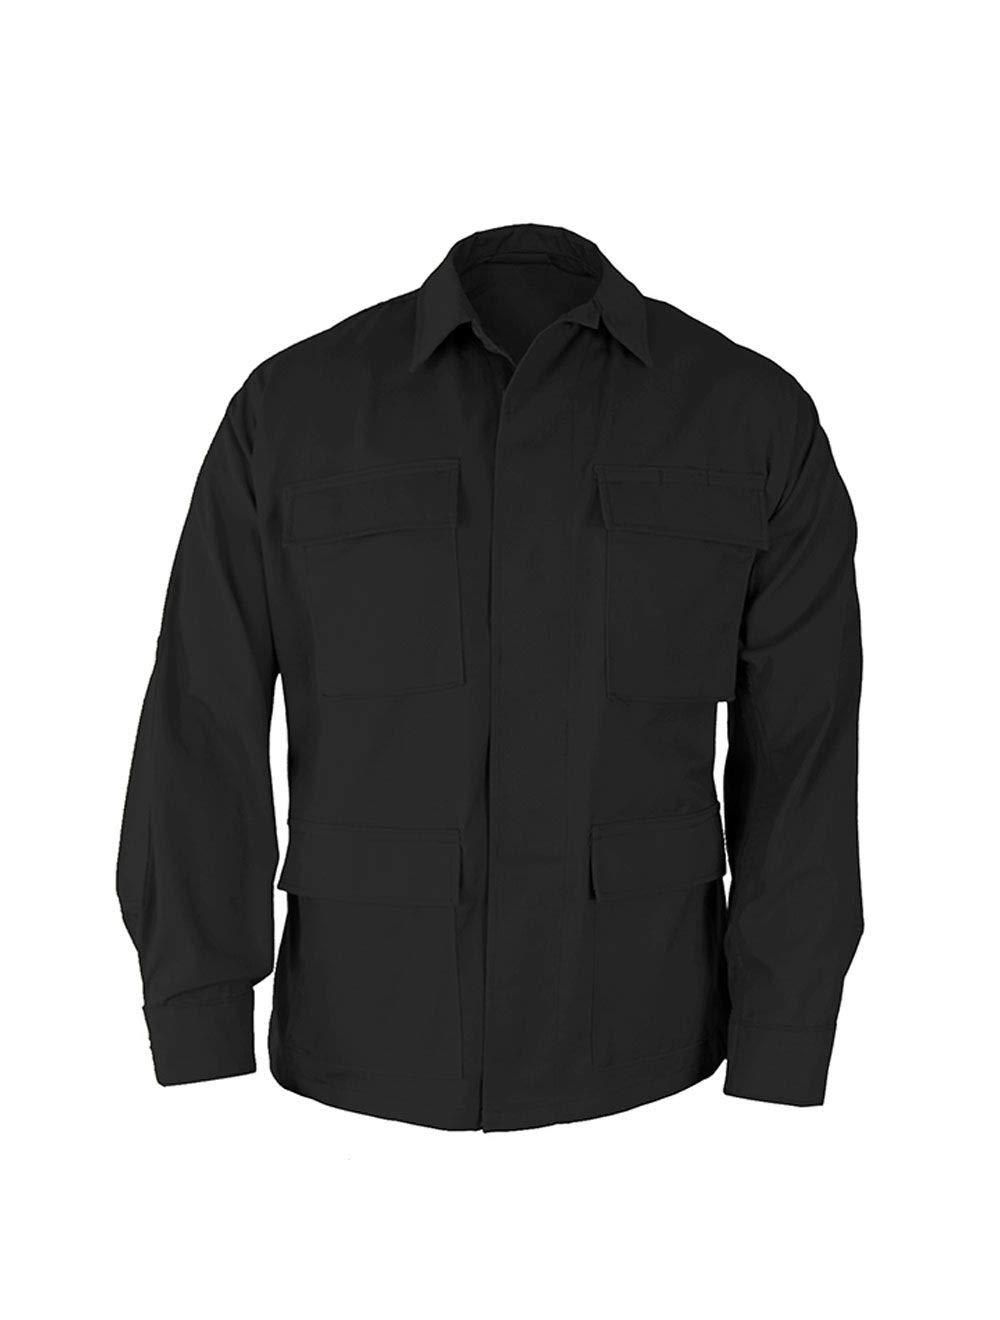 Propper Uniform BDU Coat, Black, X-Large Long by Propper